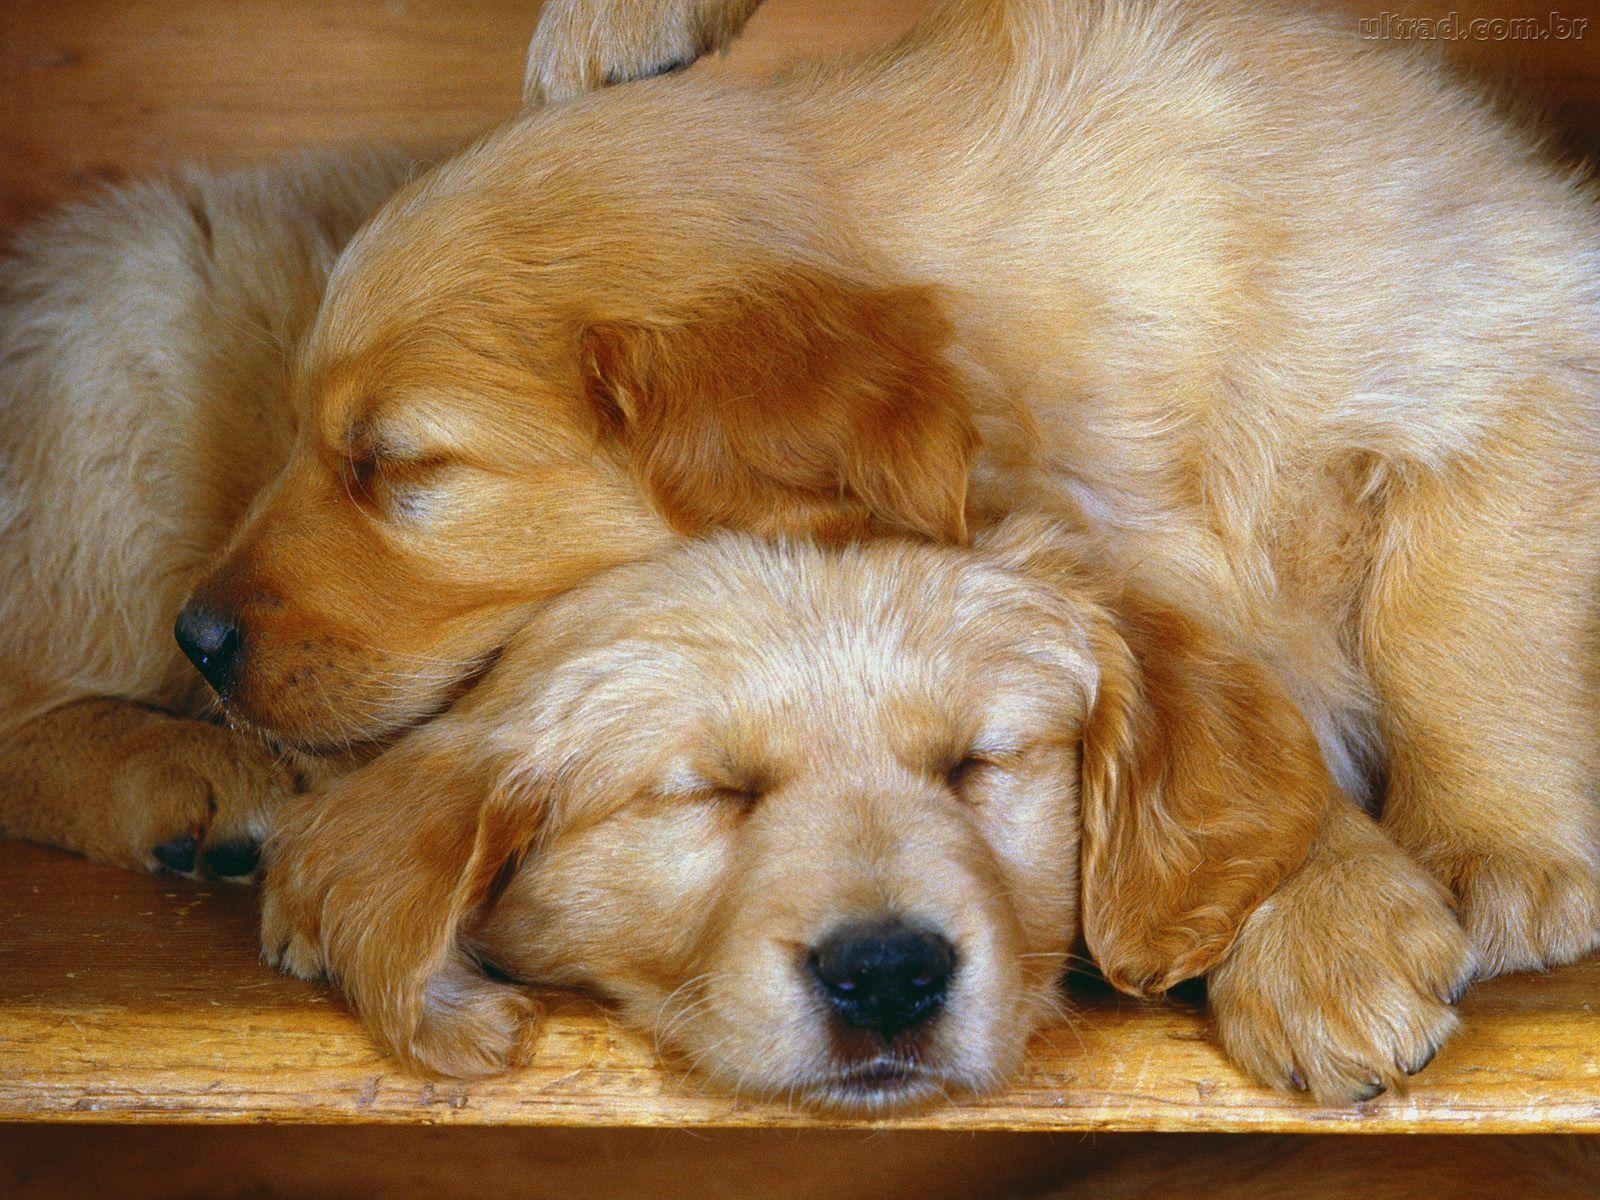 http://www.sopapeldeparede.com.br/wp-content/uploads/2010/03/103572_Papel-de-Parede-Cachorros-Dormindo_1600x1200.jpg